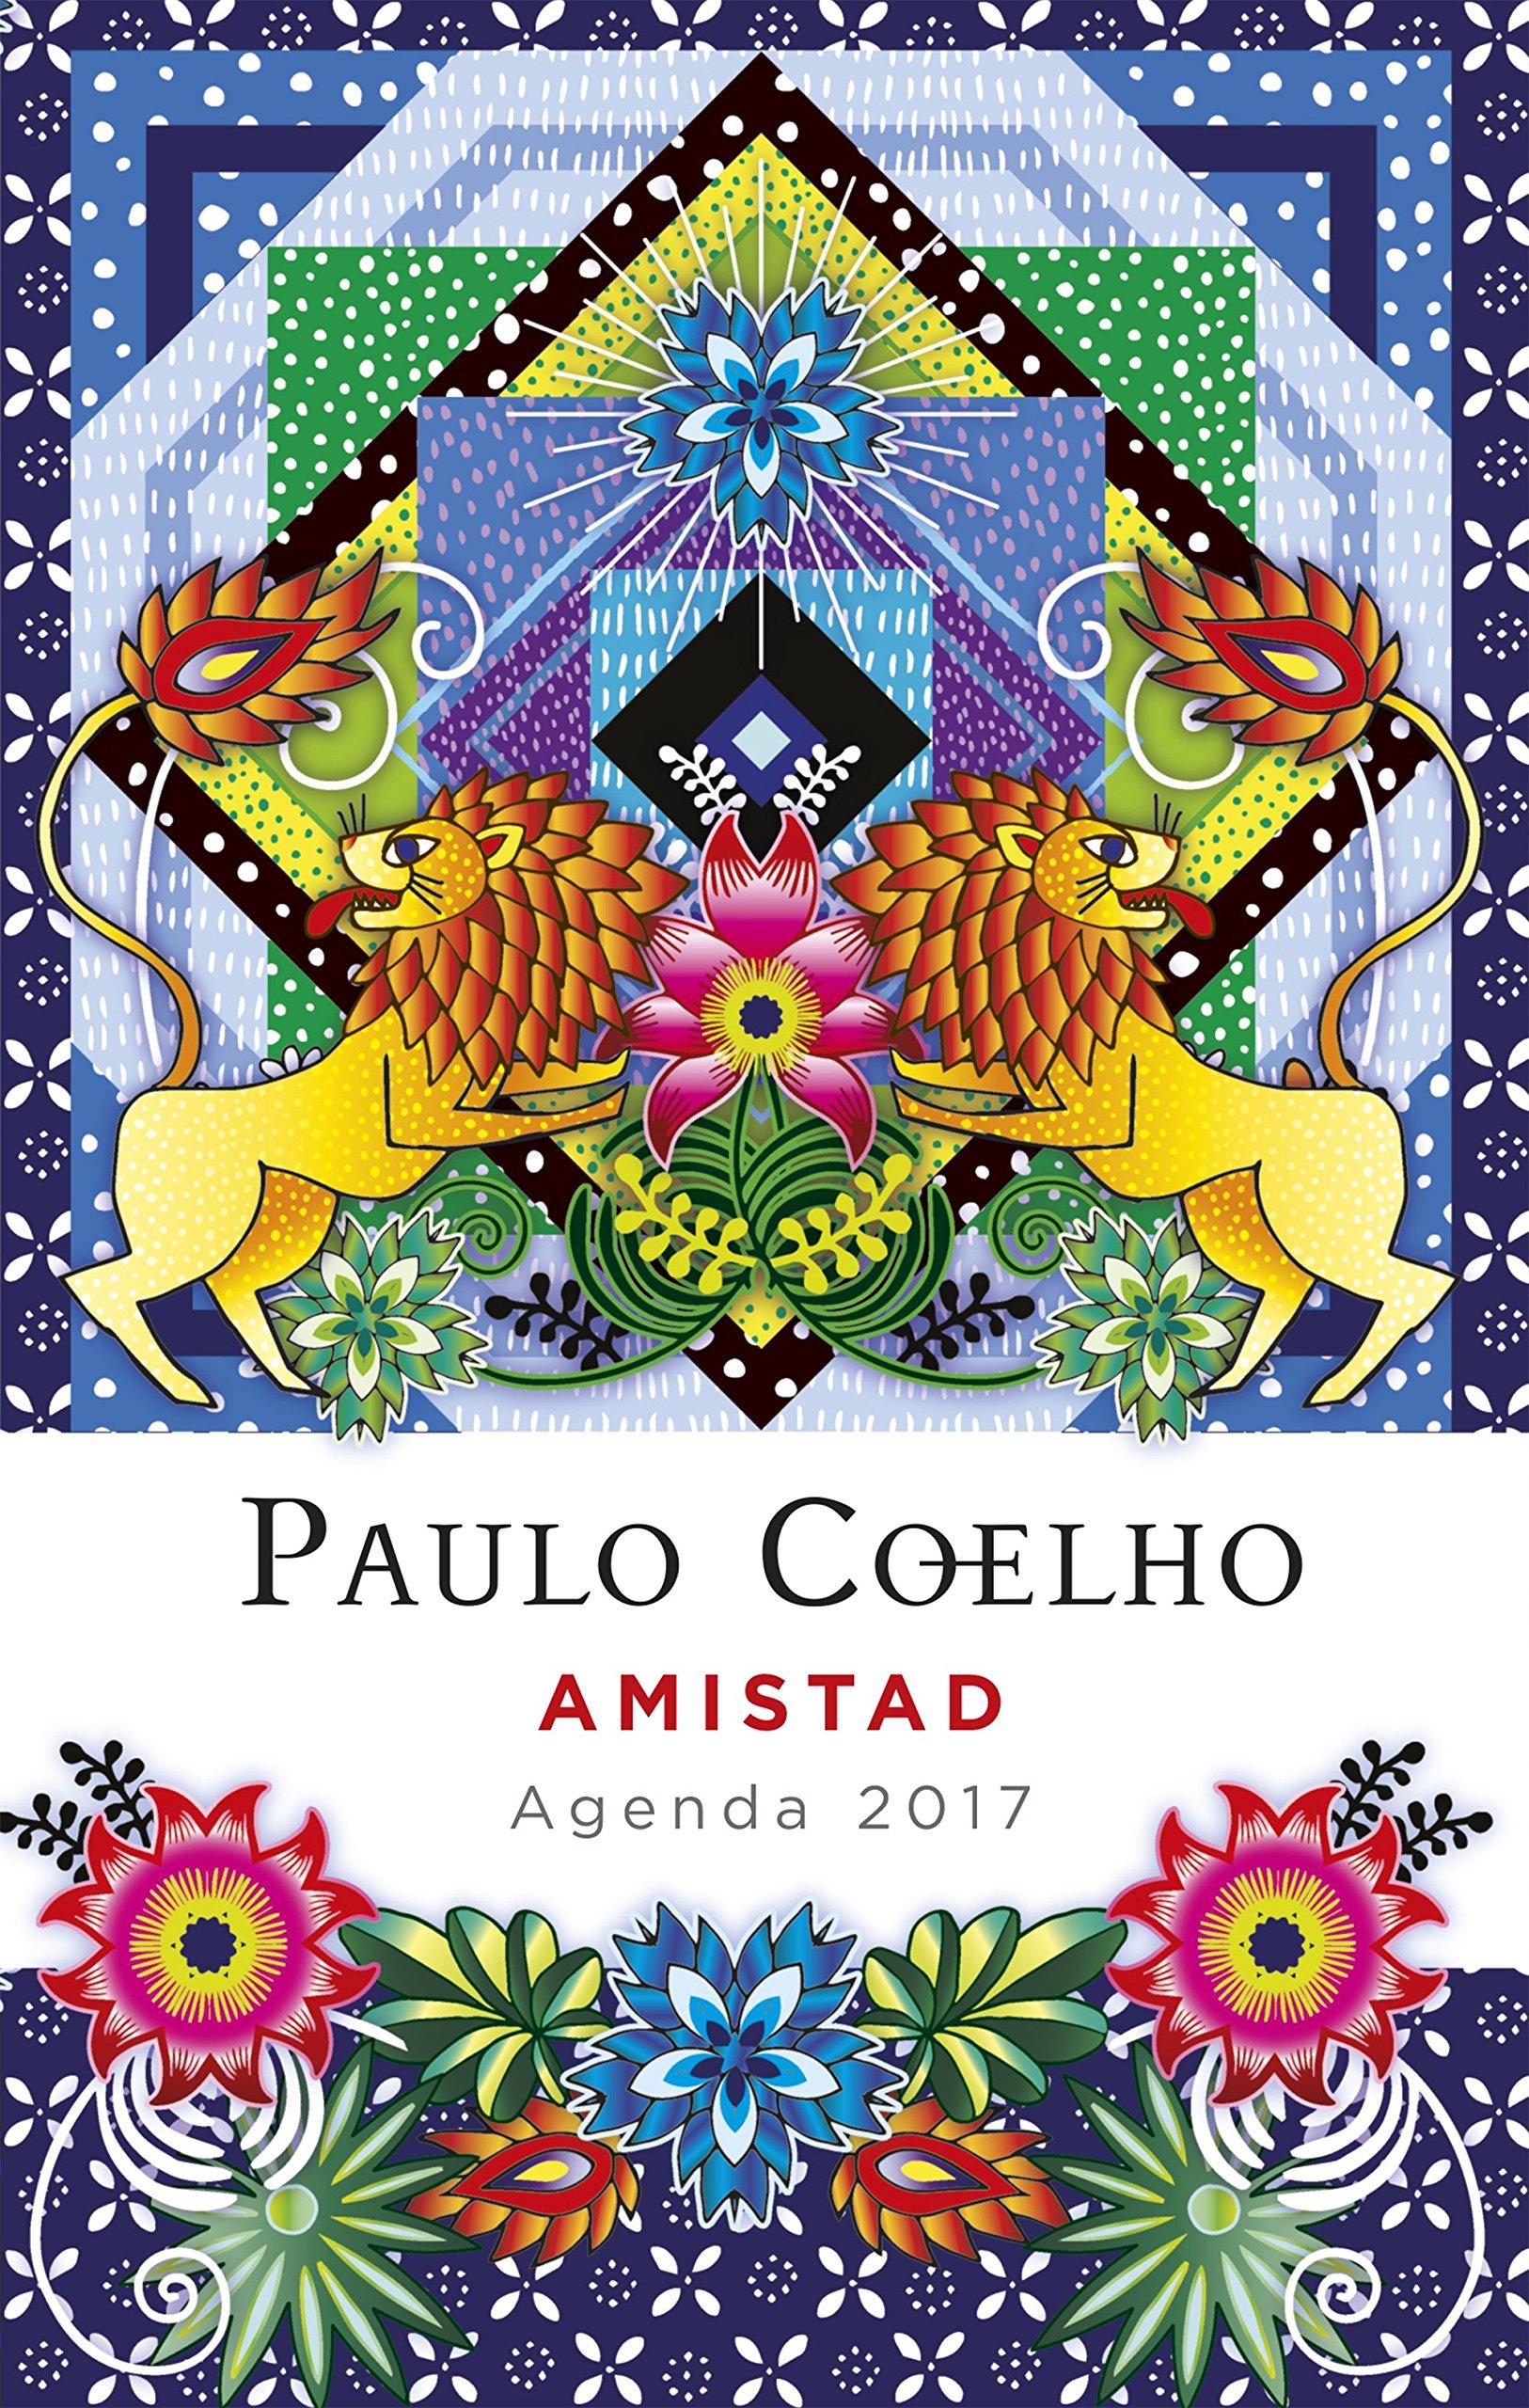 Amistad Agenda 2017 Productos Papelería Paulo Coelho: Amazon ...